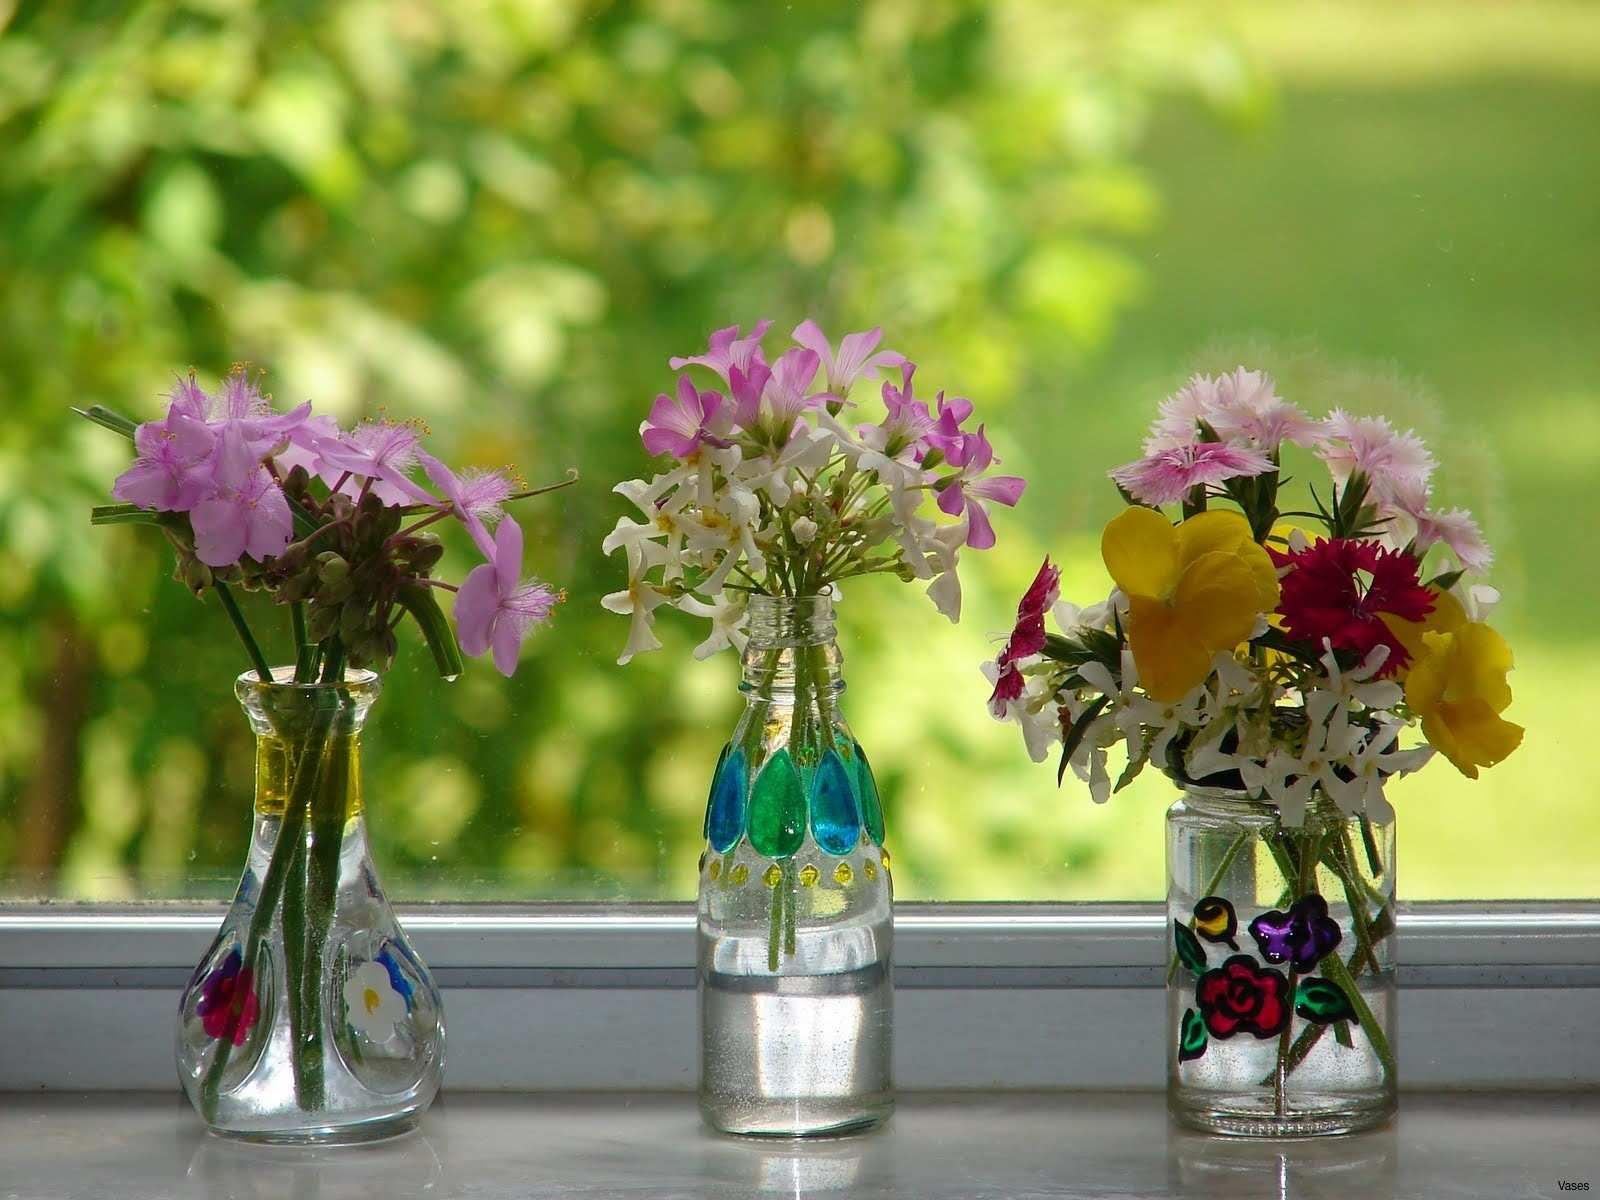 Pink Vase Glass Of Decorating Ideas for Vases Elegant Il Fullxfull Nny9h Vases Flower Throughout Decorating Ideas for Vases Unique Simple Flowers White Flowersh Vases In Small Best 25 Bud Ideas